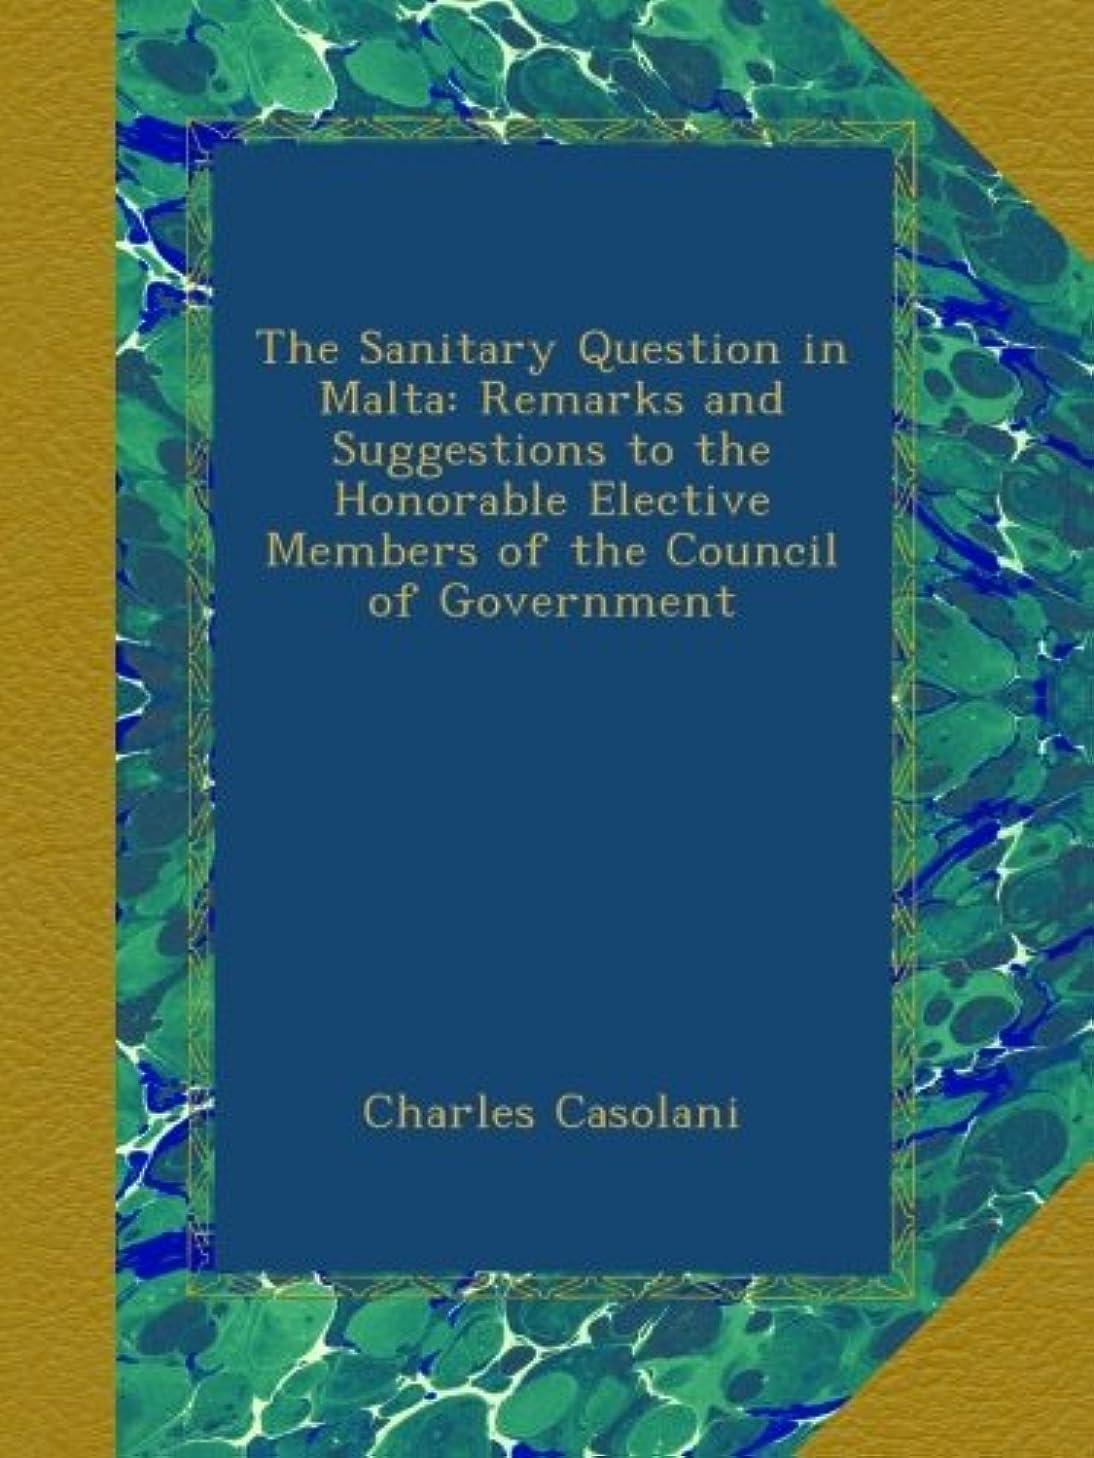 追うアッパーコンパクトThe Sanitary Question in Malta: Remarks and Suggestions to the Honorable Elective Members of the Council of Government